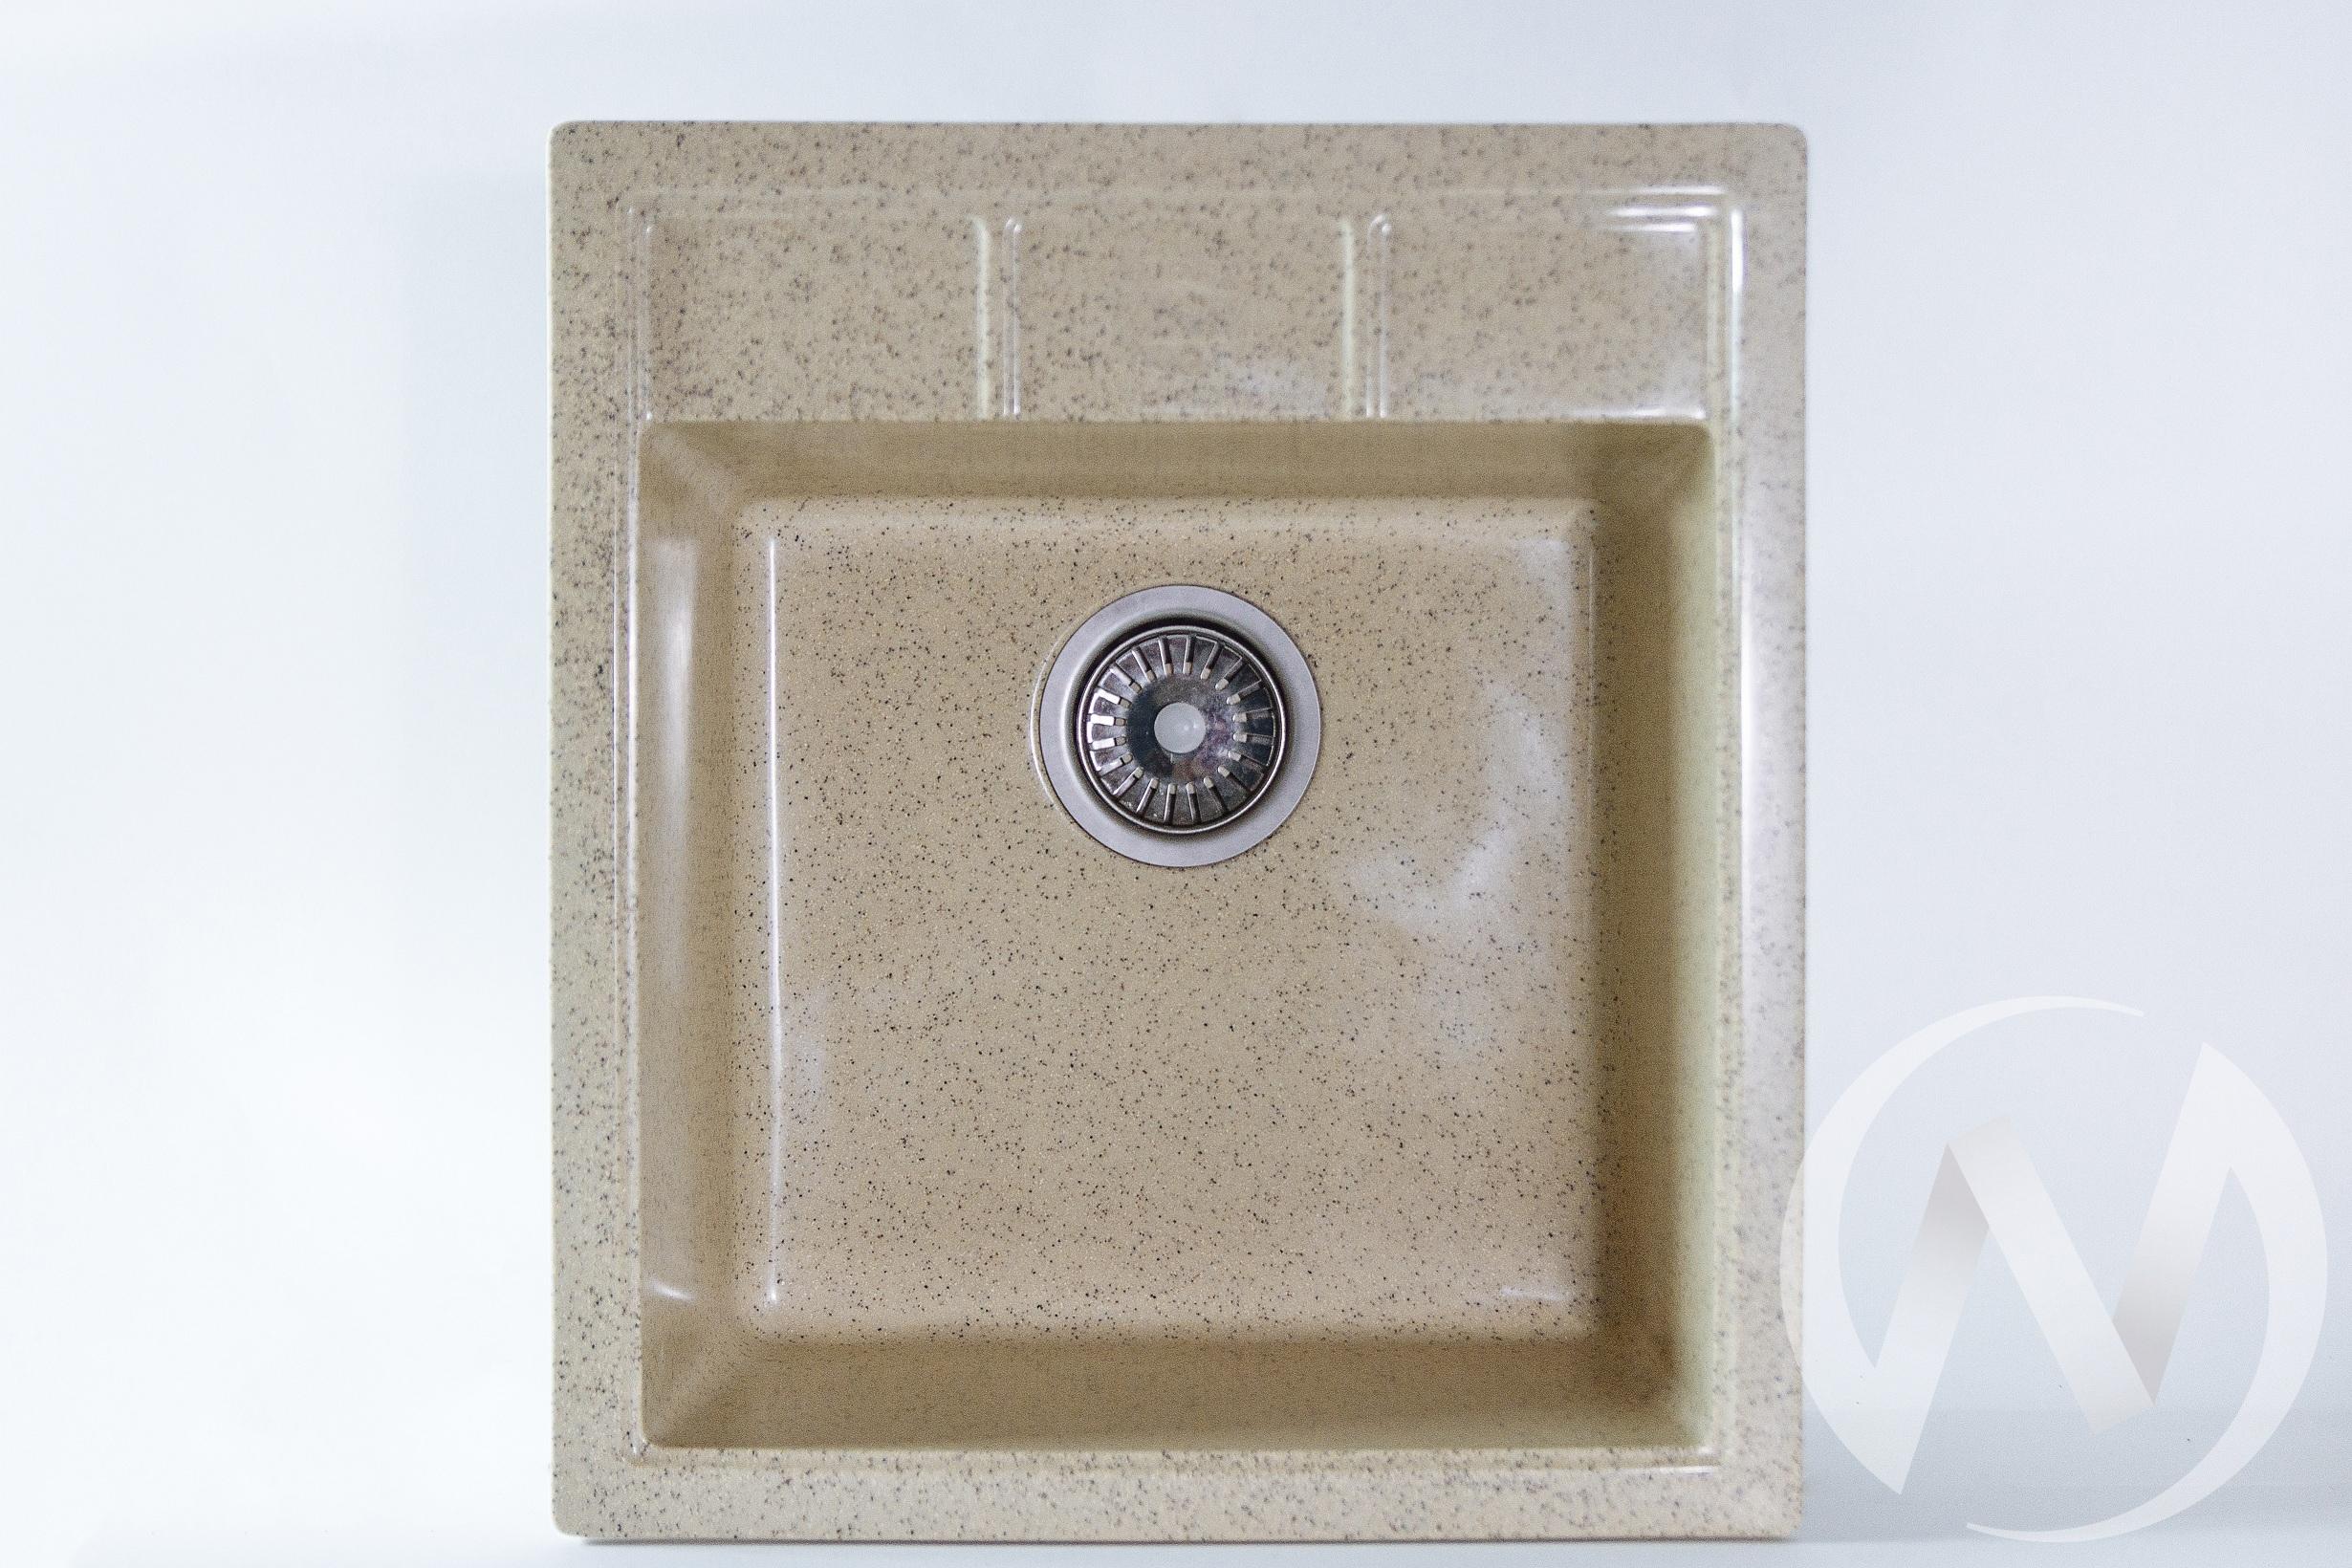 Мойка из искусственного камня Light 2 без сифона (песок)  в Томске — интернет магазин МИРА-мебель